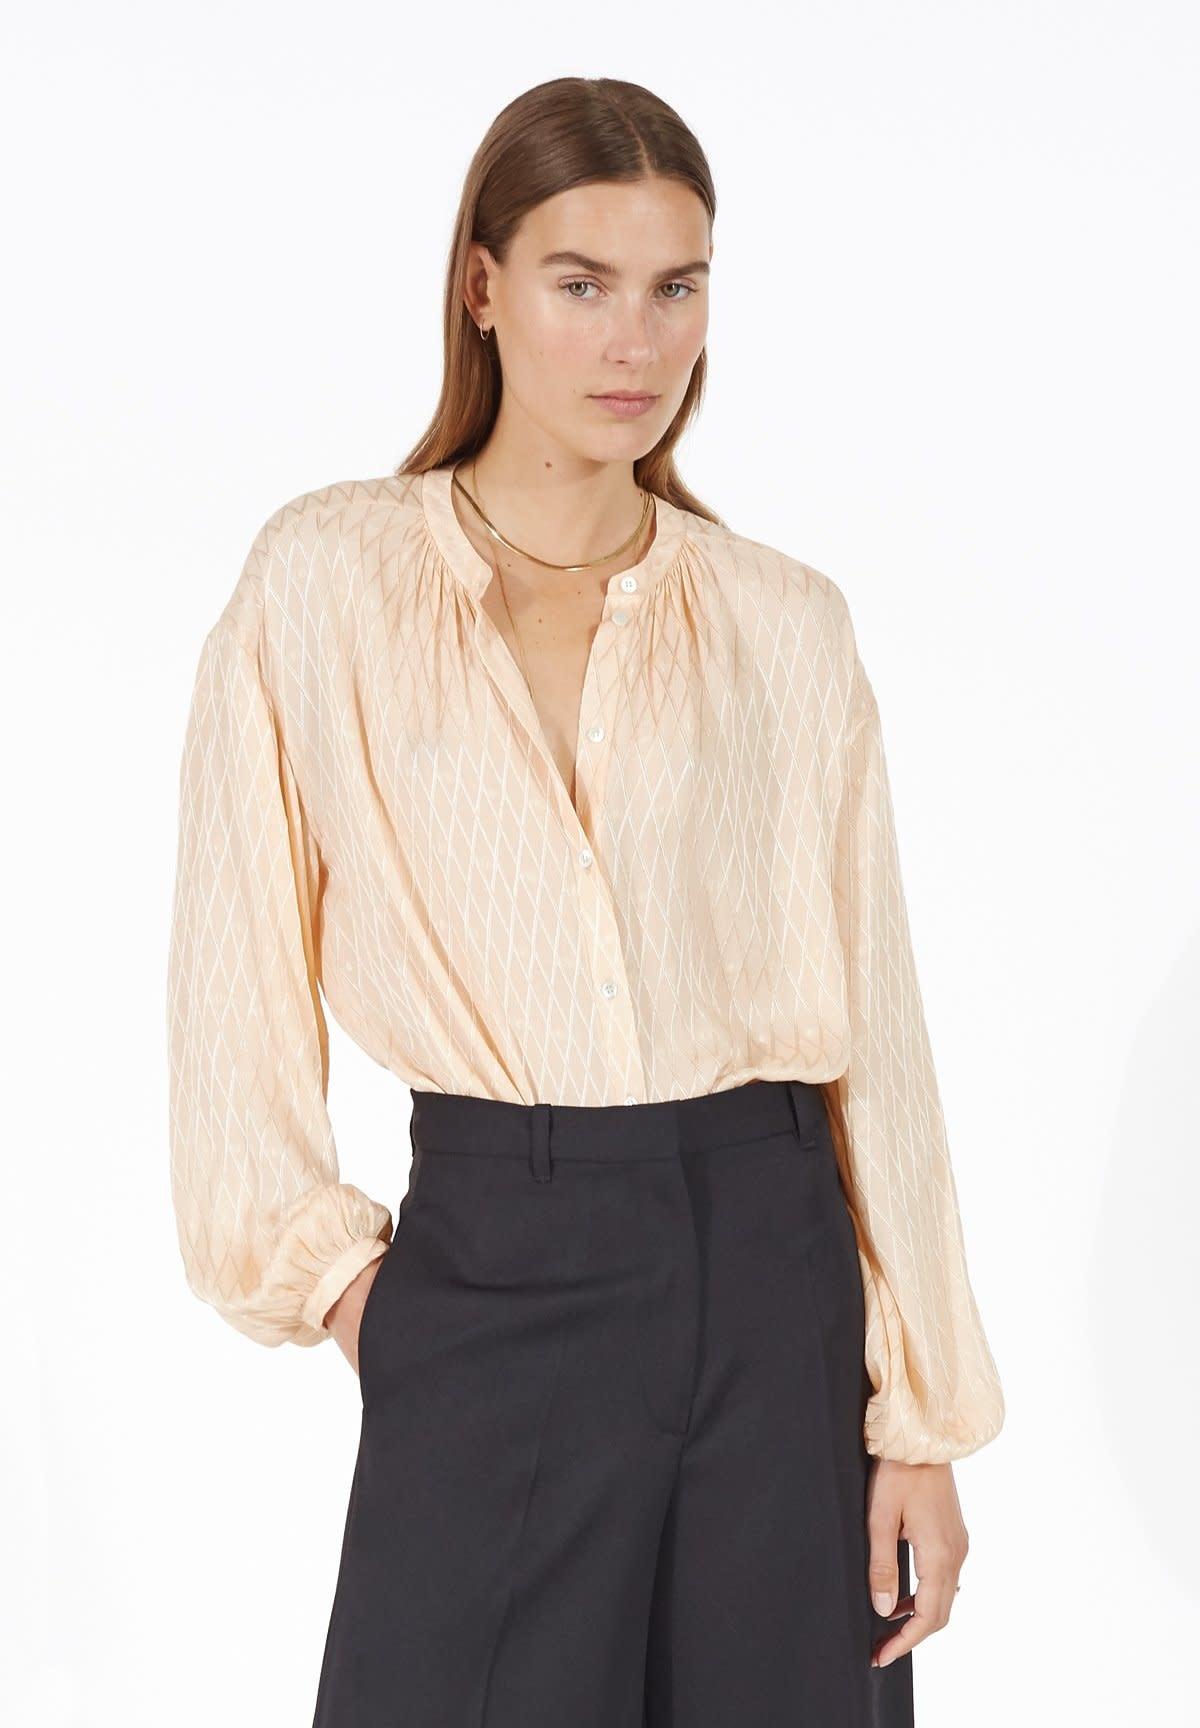 Lorna peach blouse-1